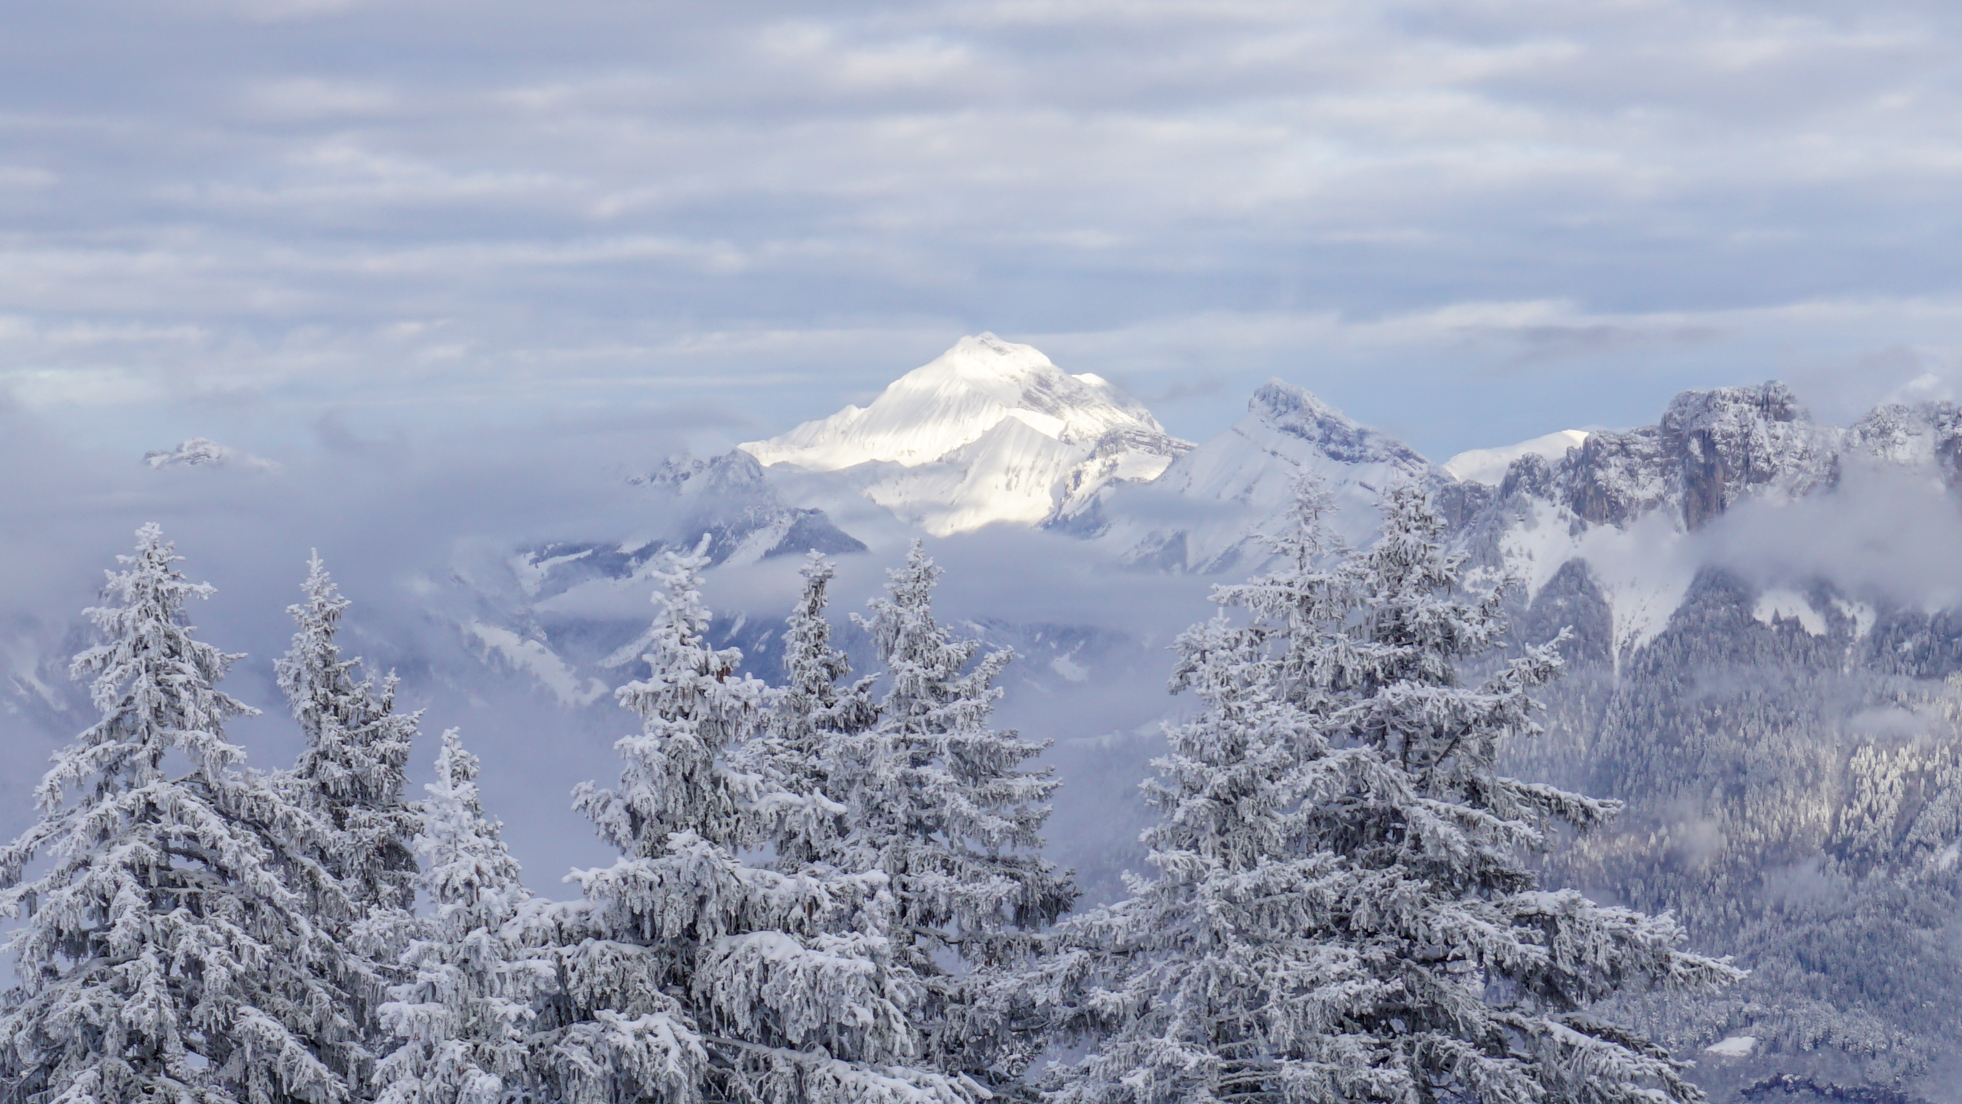 Bajkowa zima w Annecy